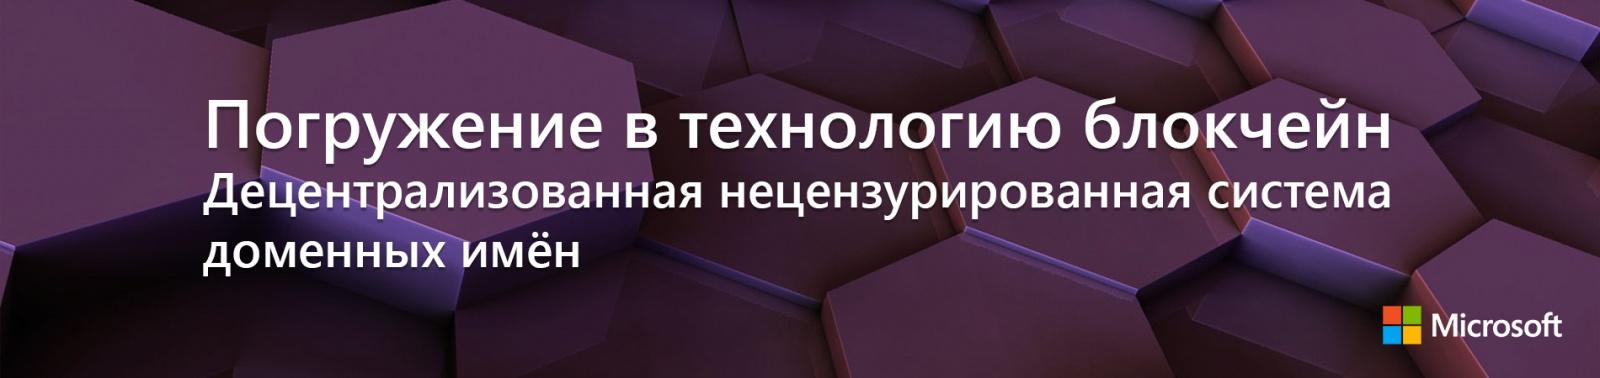 Погружение в технологию блокчейн: Децентрализованная нецензурированная система доменных имён - 1